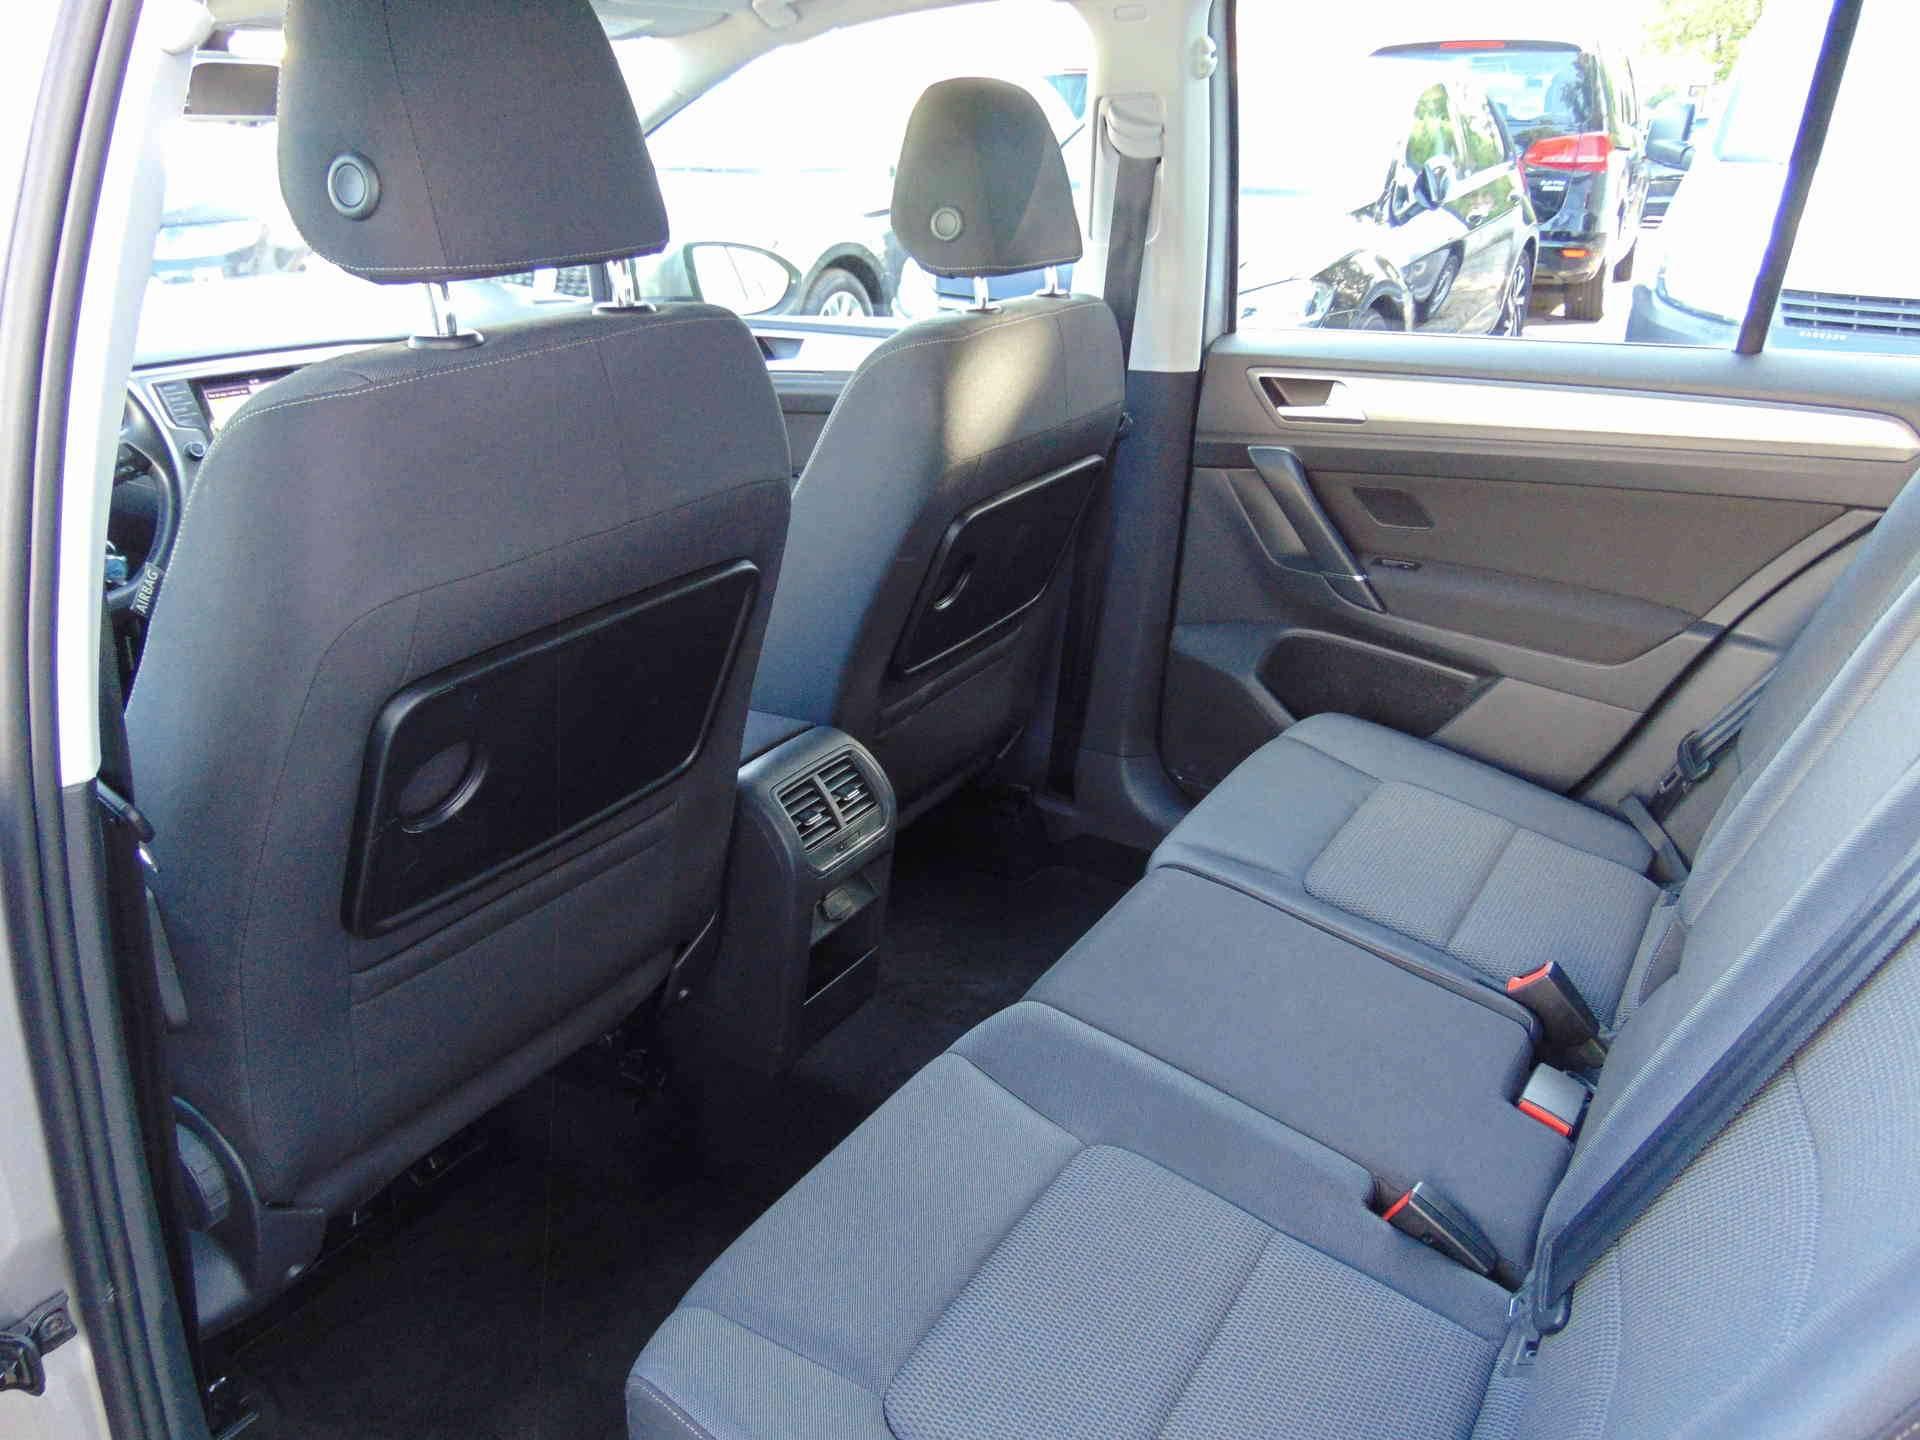 4 - Golf Sportsvan 2.0 TDI 150 FAP BMT